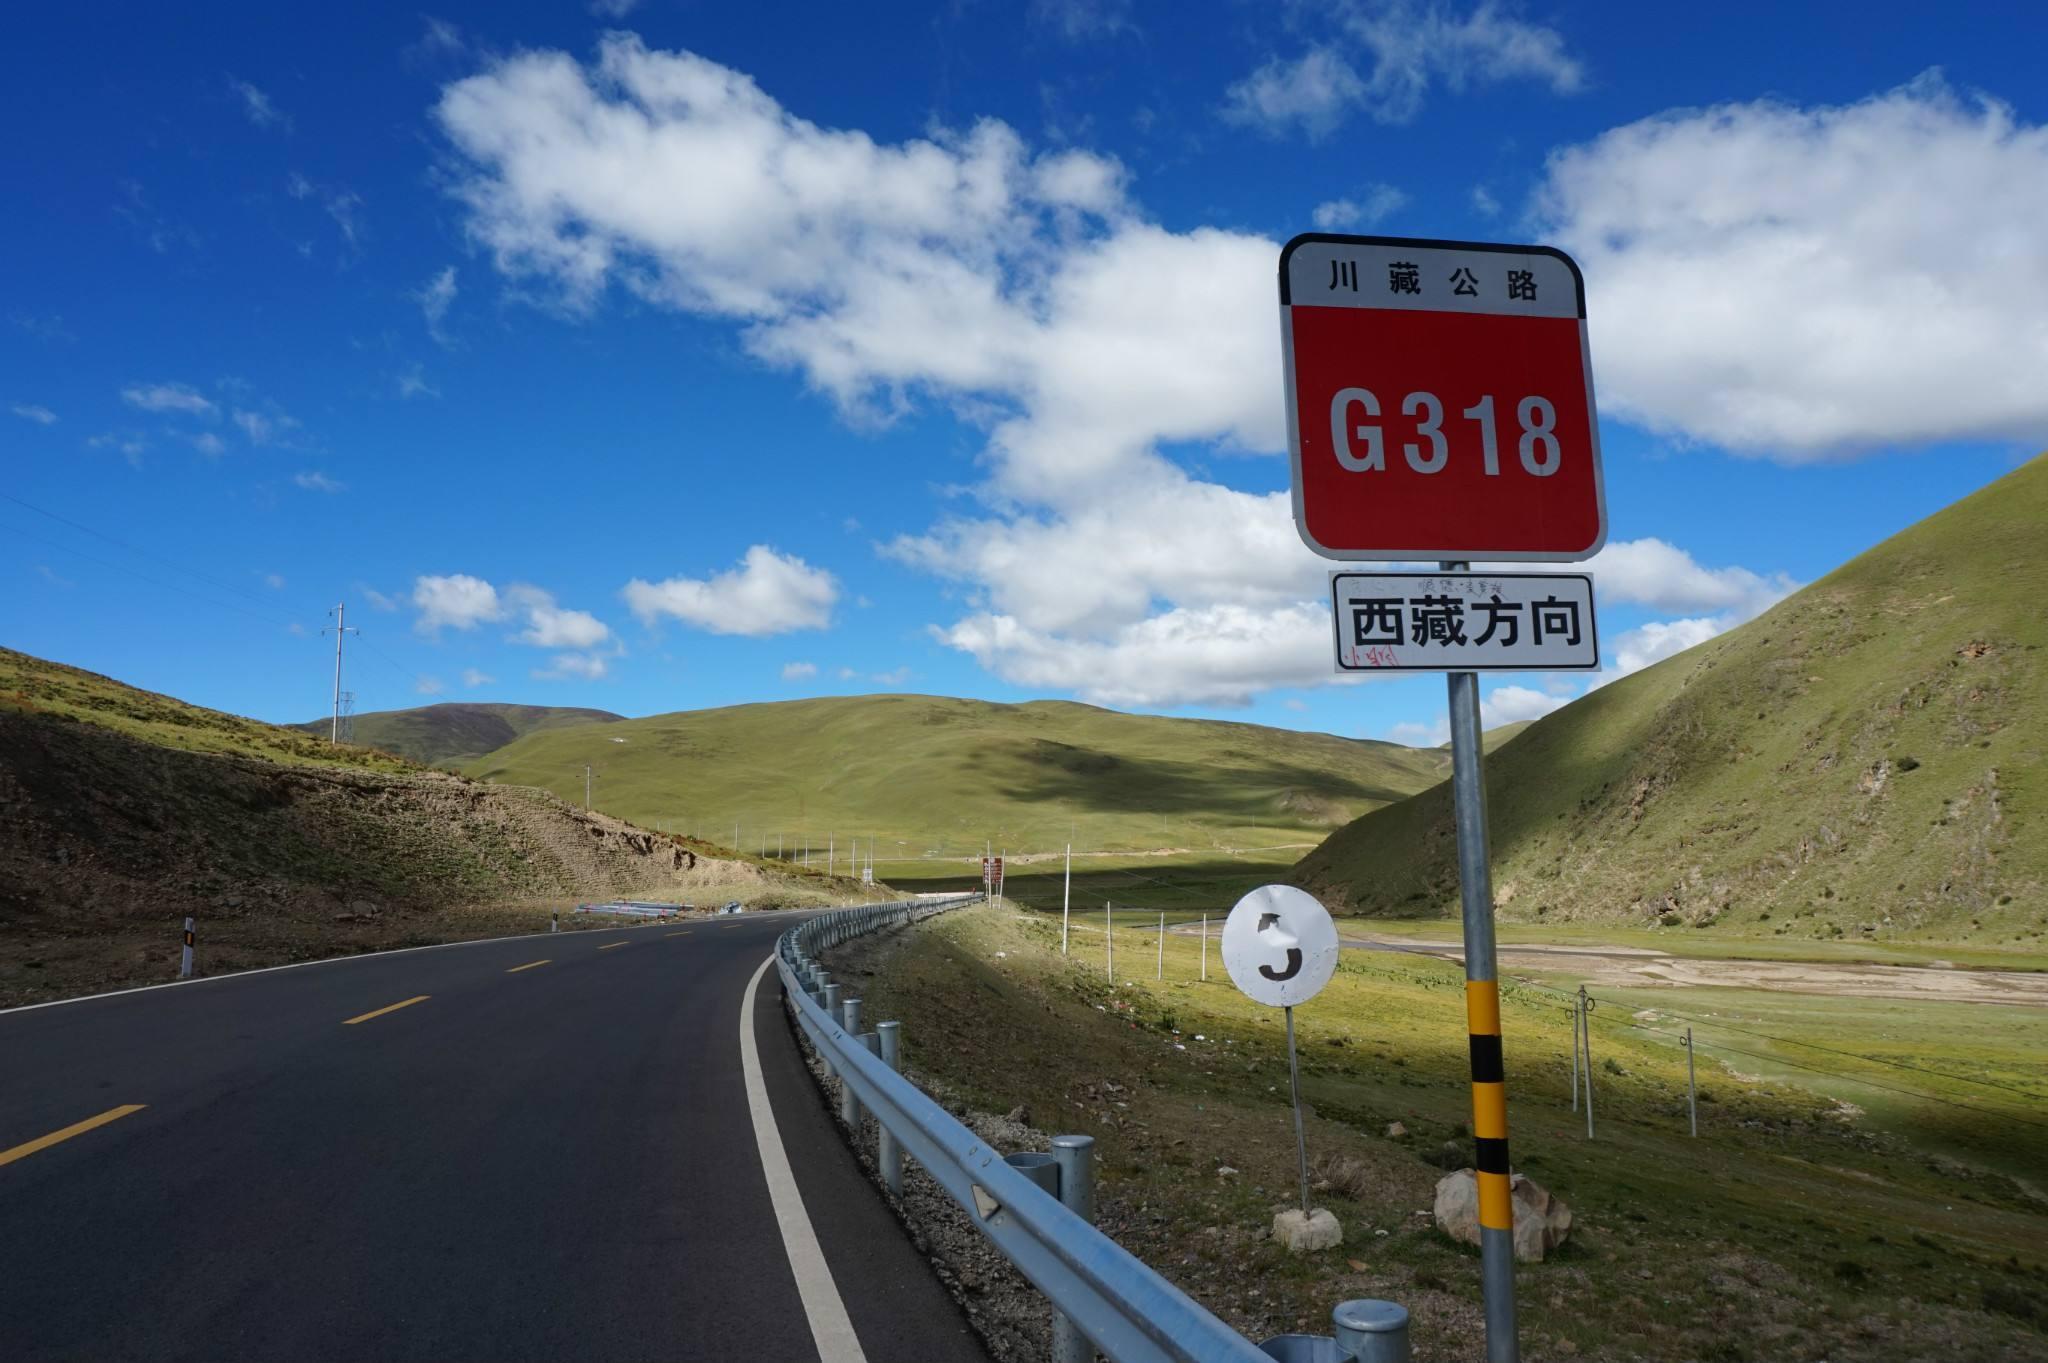 川藏线旅游,除了穷游女,这类女孩也不要搭理,不然会更后悔!